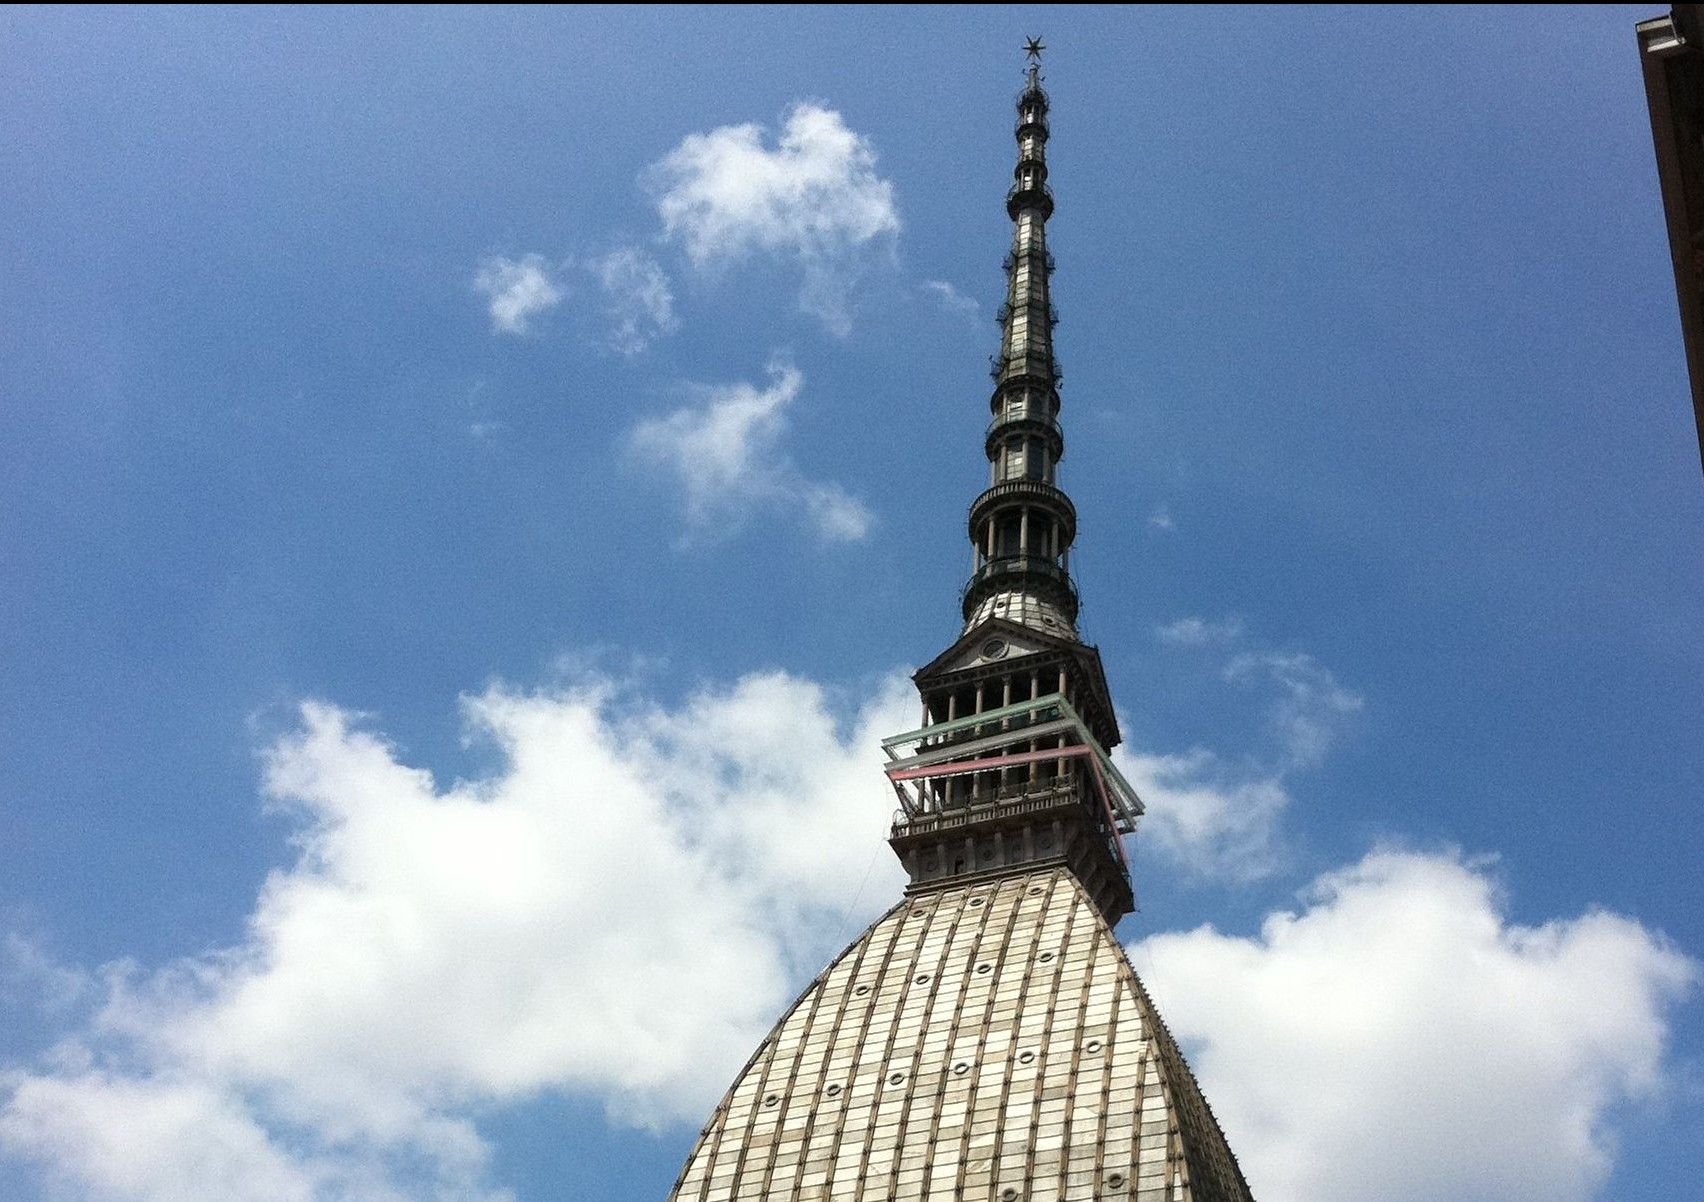 La storia della Mole Antonelliana: da sinagoga a simbolo della città di Torino